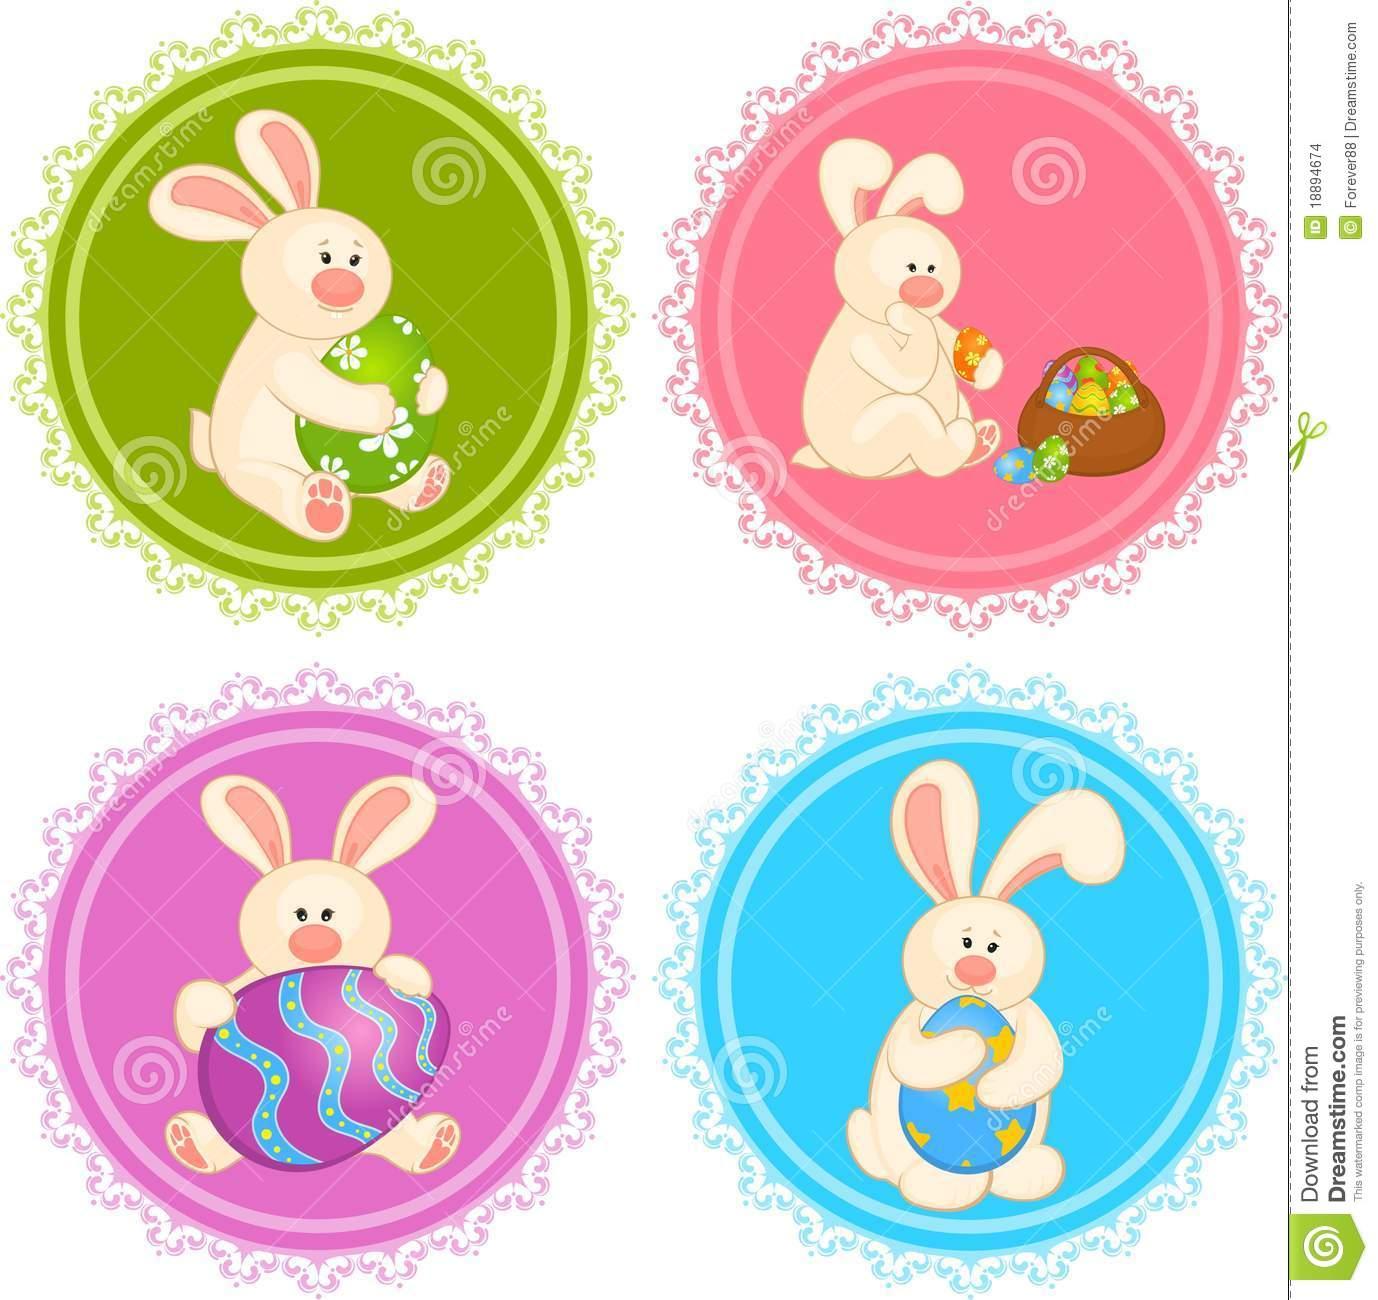 Coelhos Coloridos Fotos De Stock – 420 Coelhos Coloridos Imagens